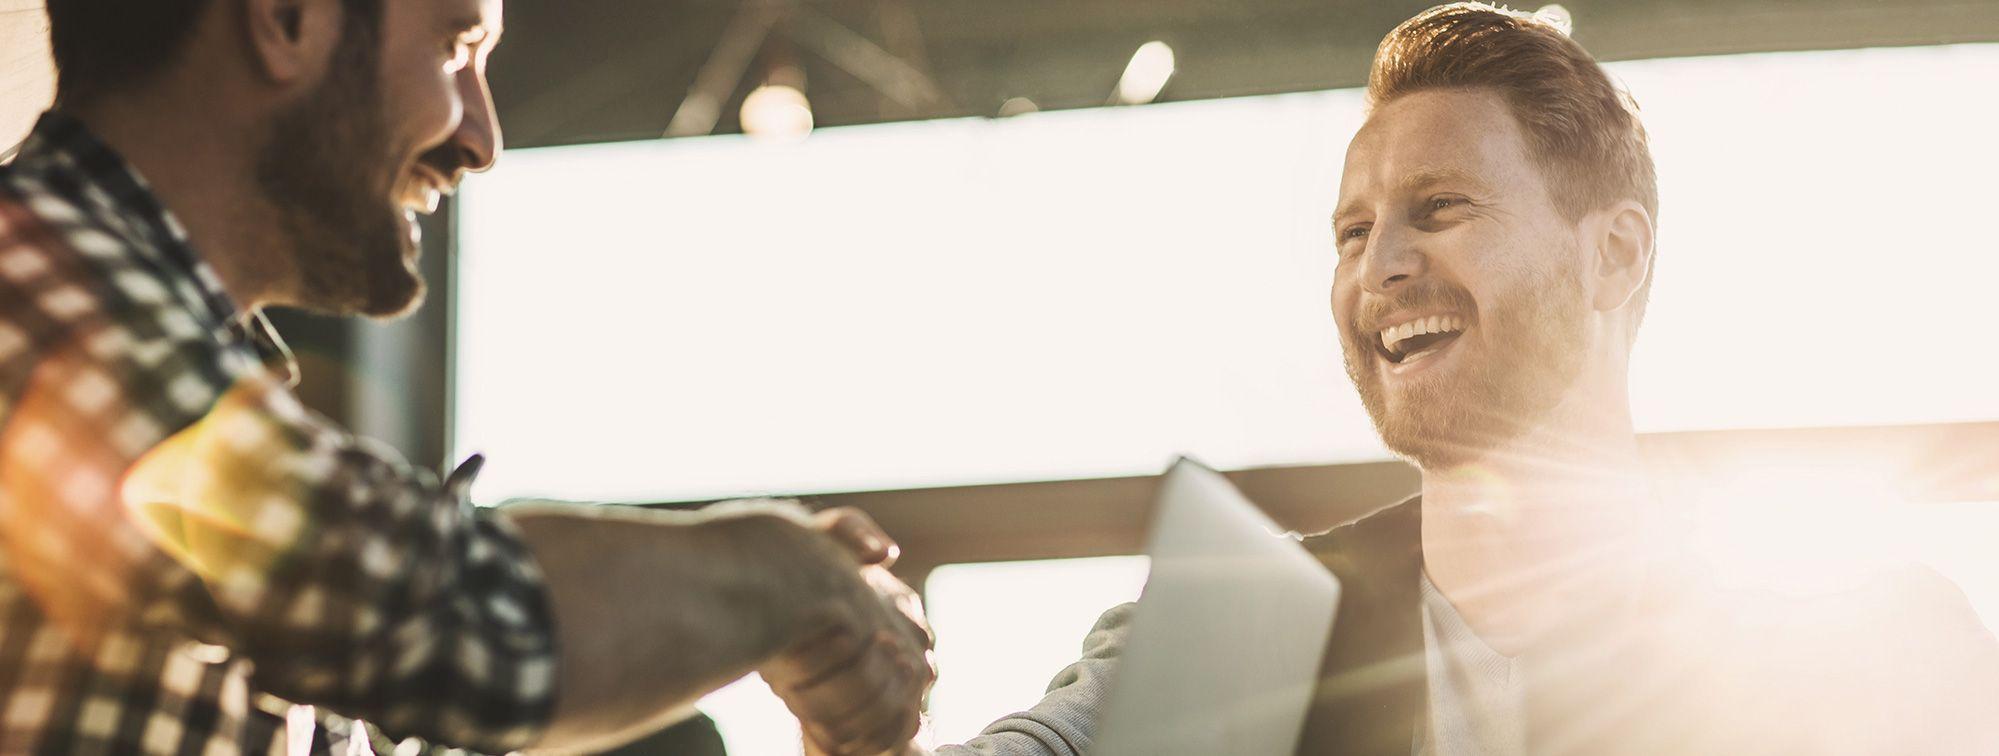 Warum die erfolgreichsten Unternehmen auf Bewertungen setzen